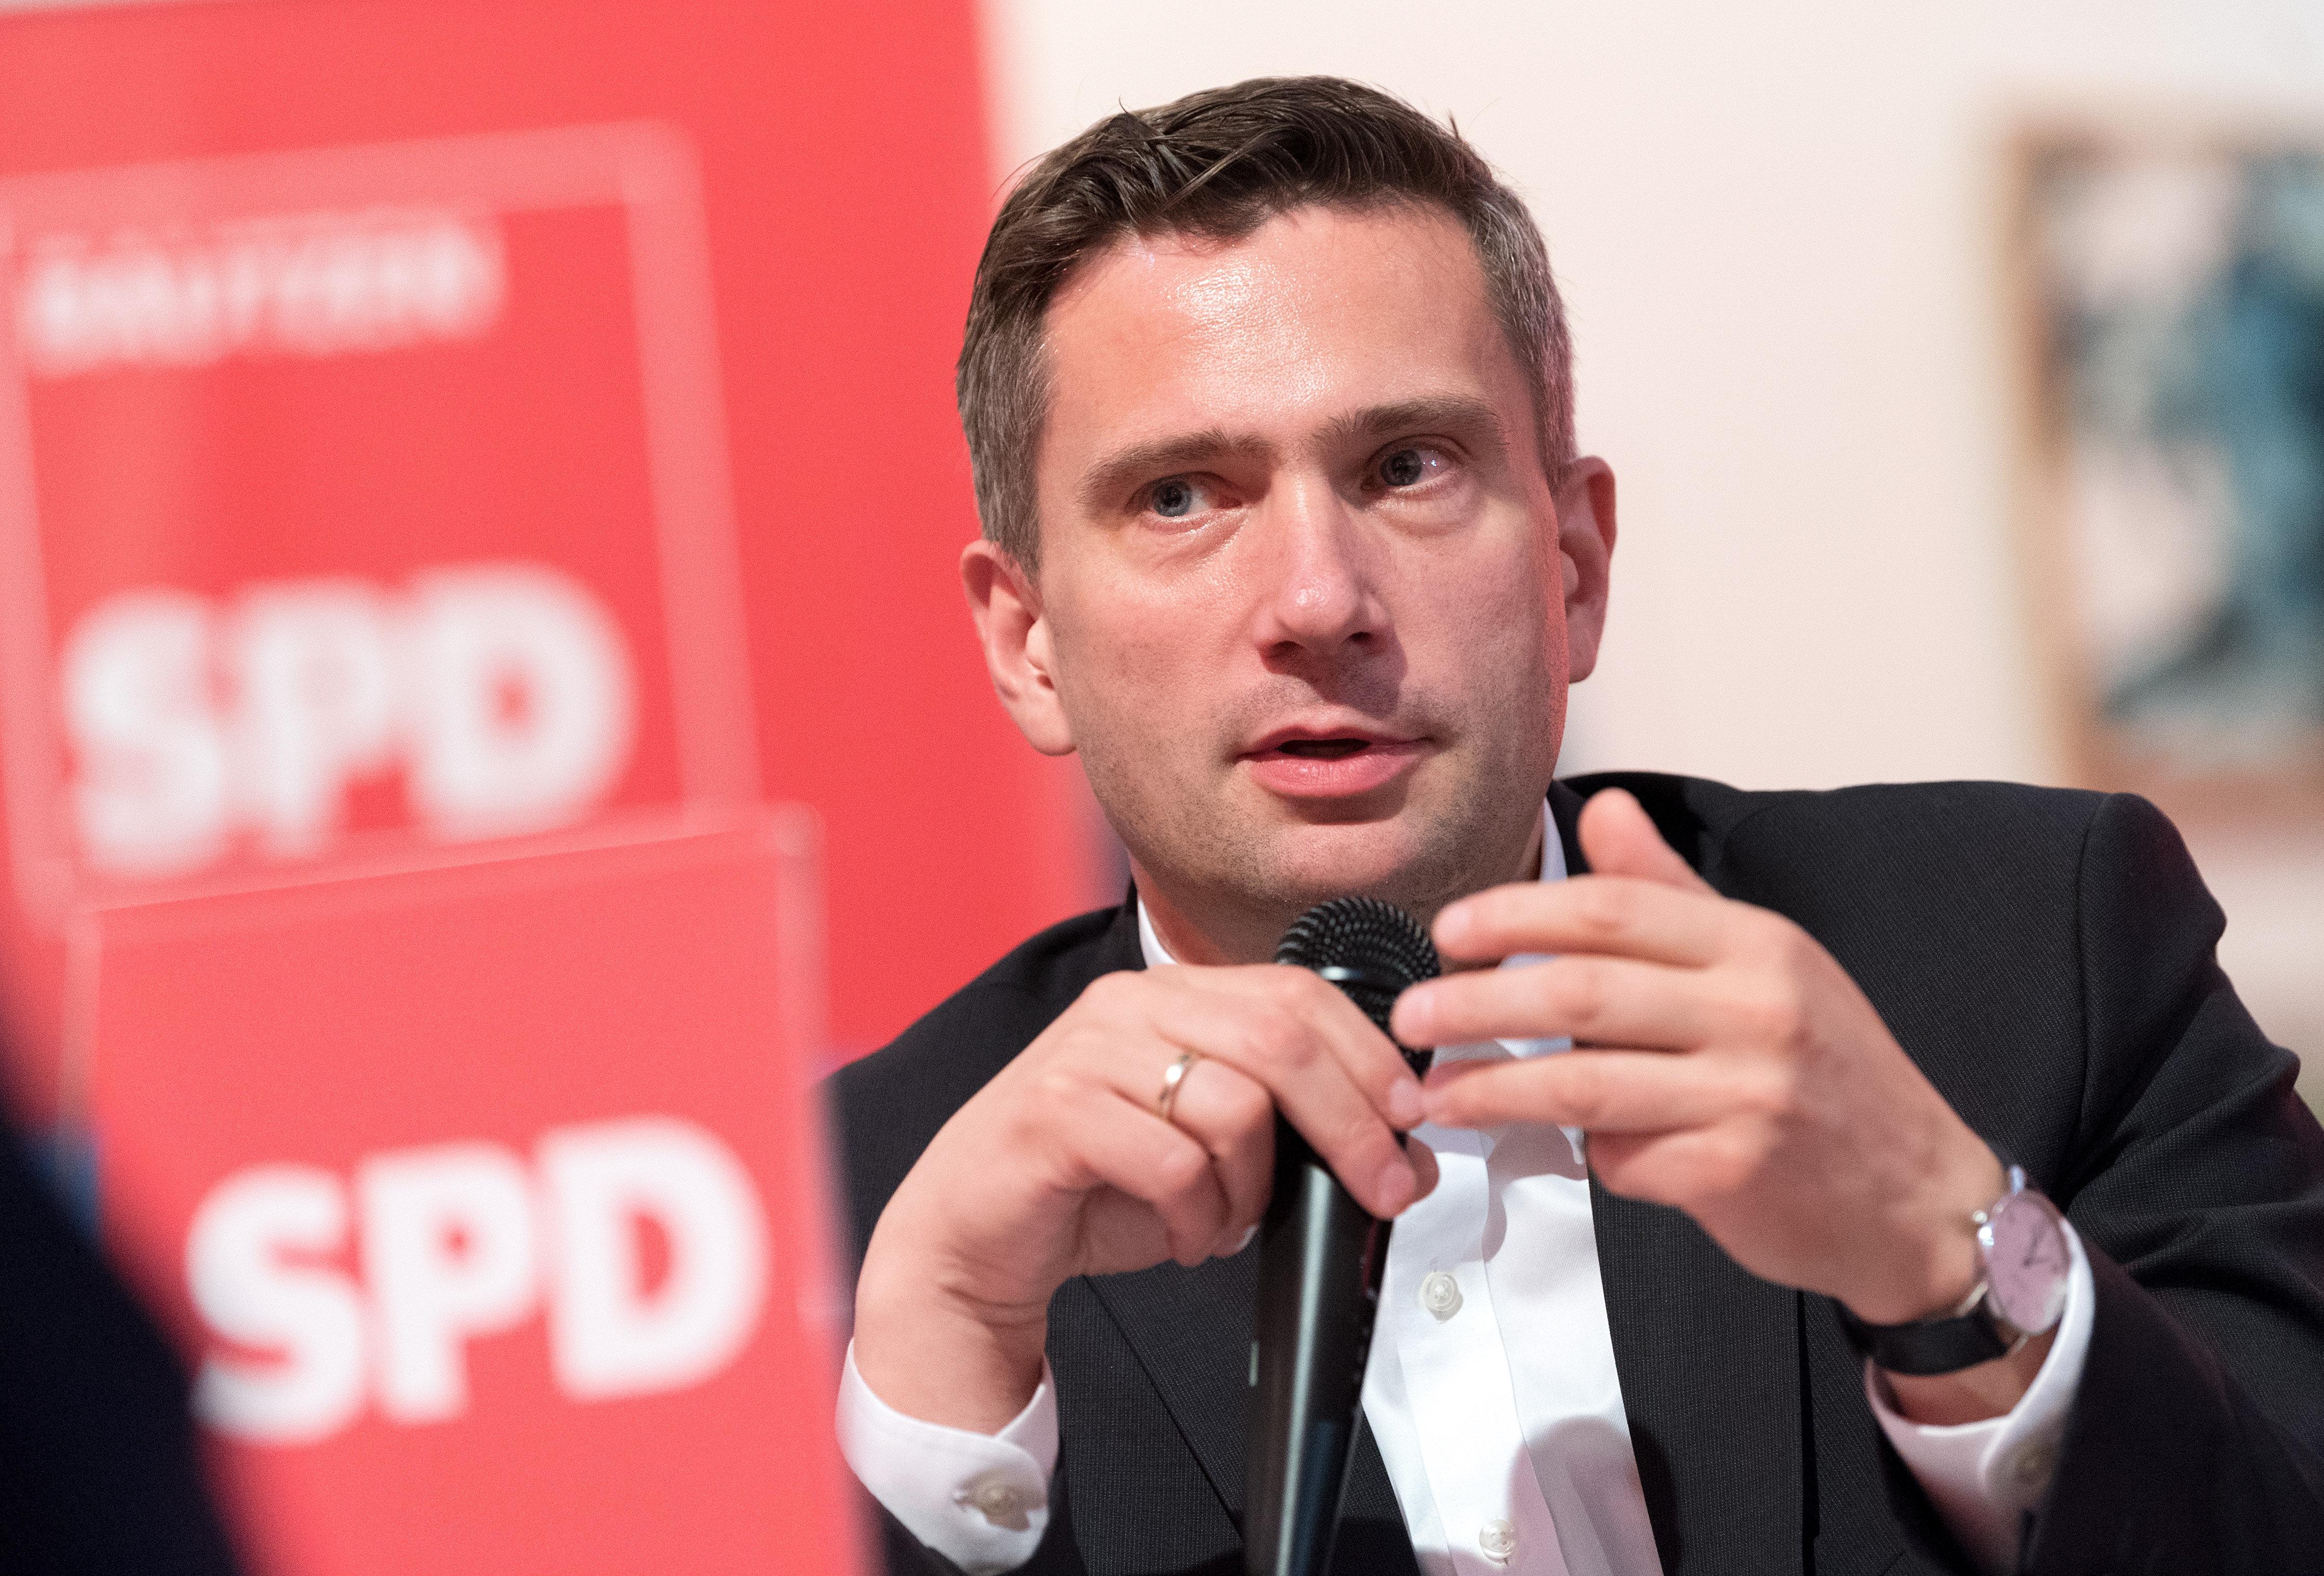 Martin Duligspricht in Bautzen im Rahmenseiner